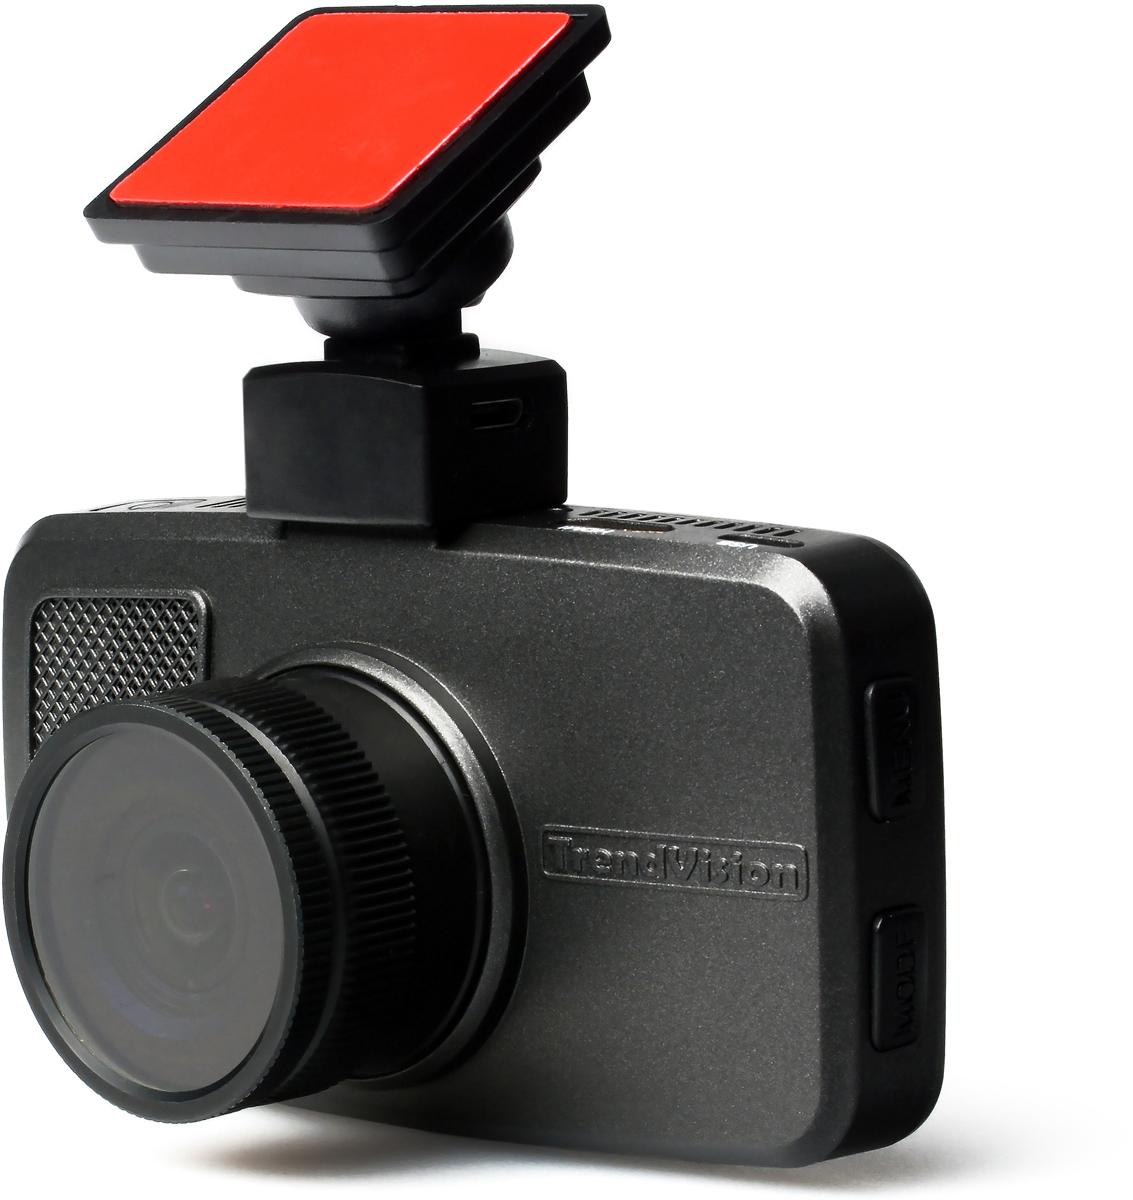 TrendVision TDR-708 GNS, Grey видеорегистратор с радар-детектором видеорегистратор trendvision mr 700 gns черный